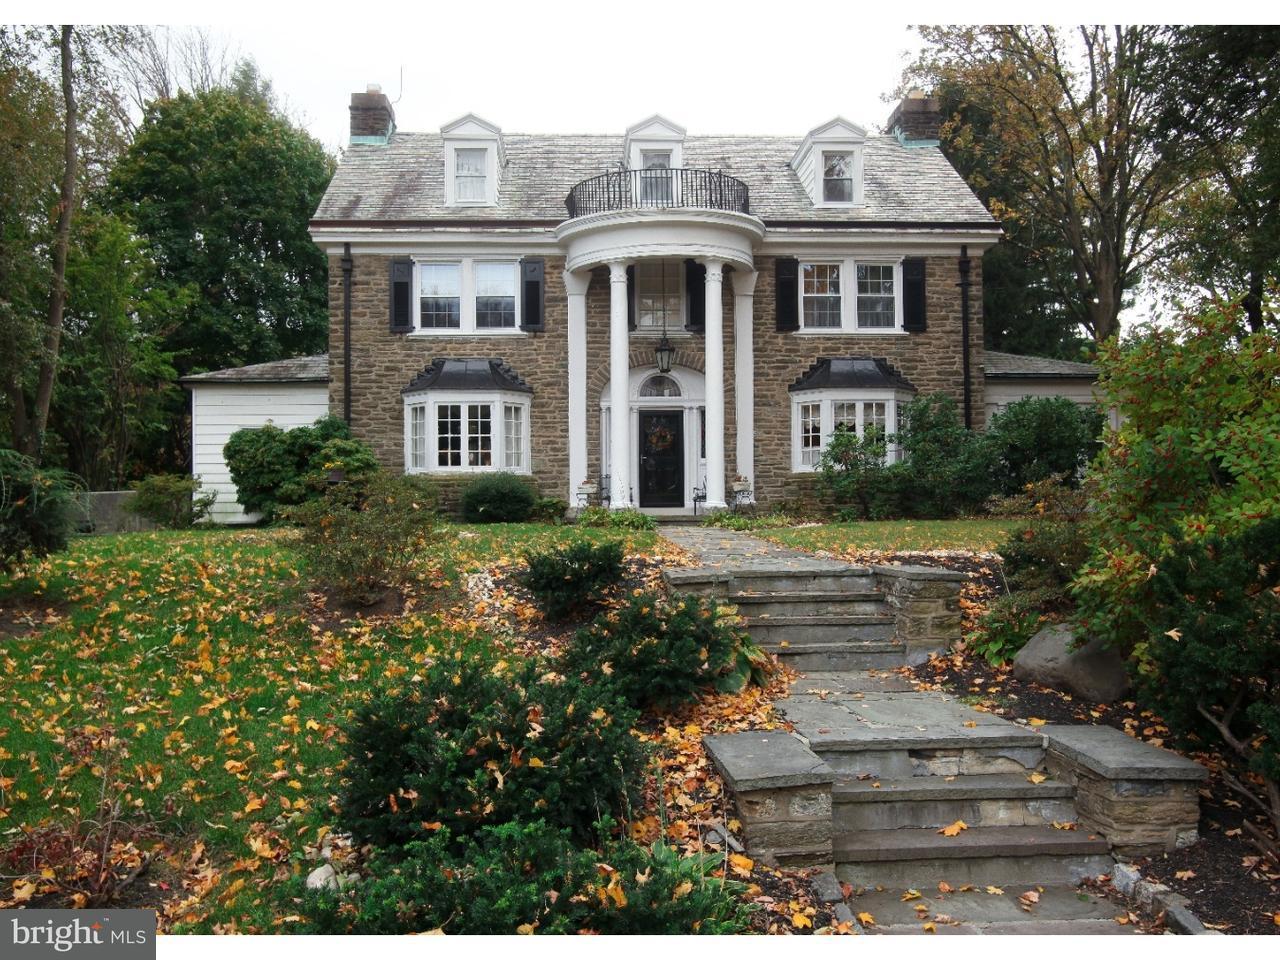 Частный односемейный дом для того Продажа на 34 LATHAM PARK Elkins Park, Пенсильвания 19027 Соединенные Штаты